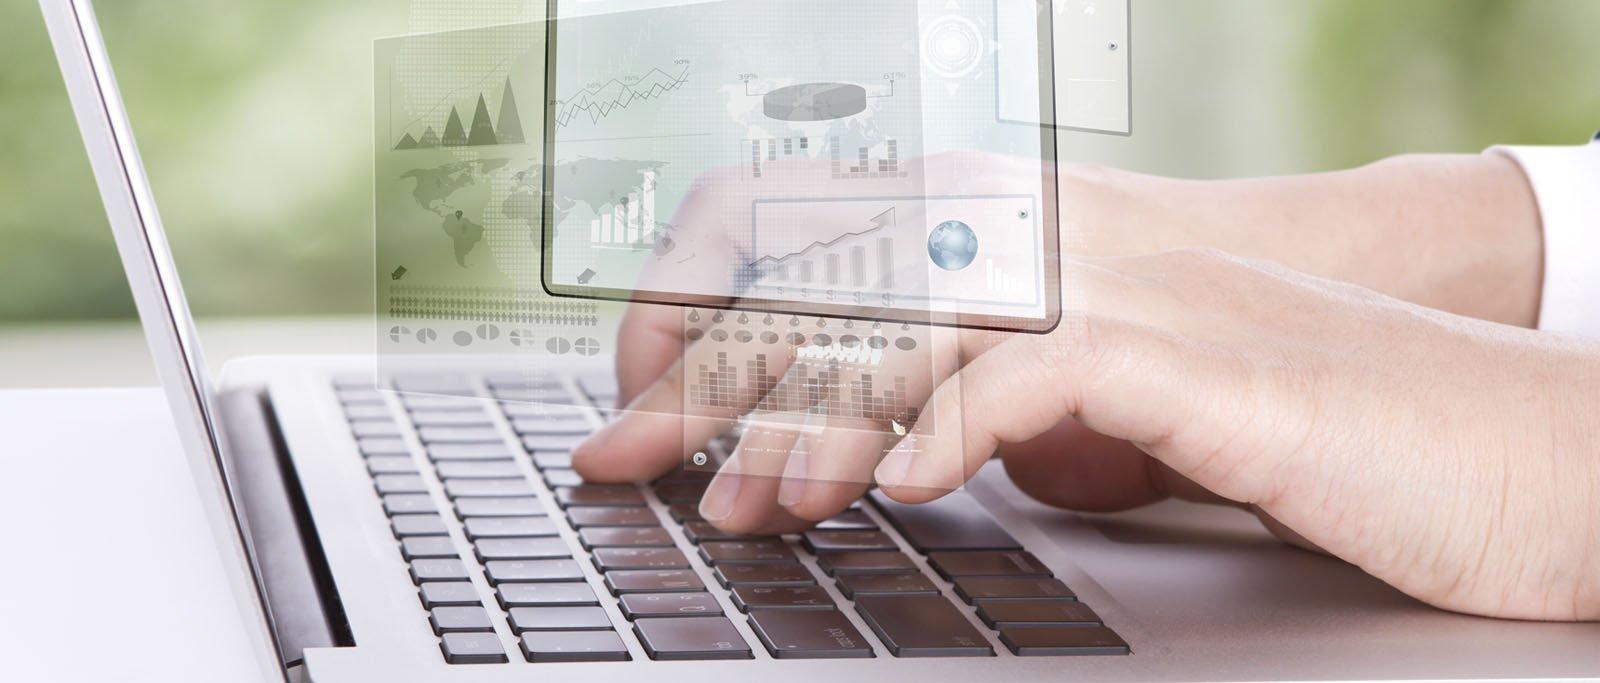 Otimização de sites: como a otimização de imagens melhora a performance do seu site?